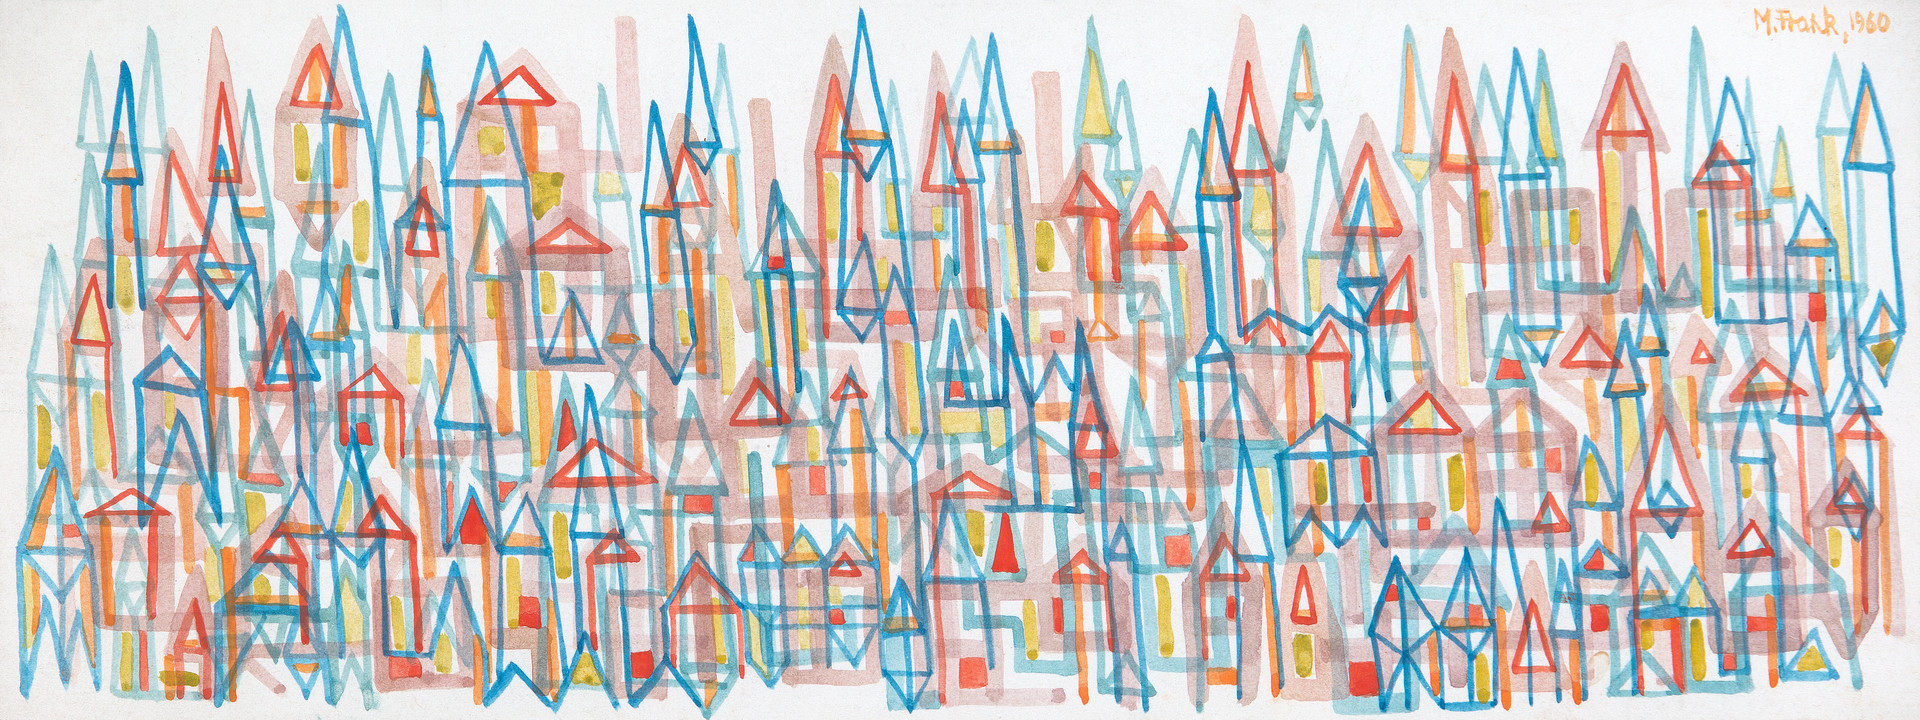 Untitled - steeples